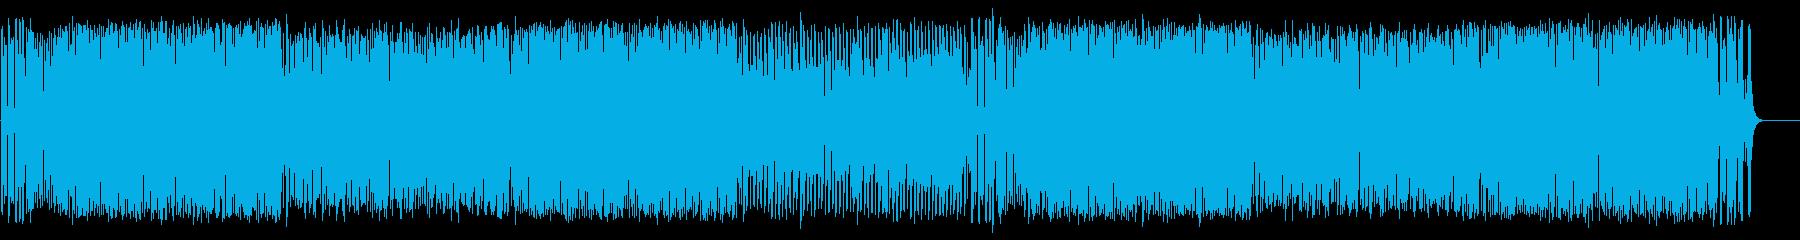 マーチ 鼓笛隊 入場行進 運動会 希望の再生済みの波形